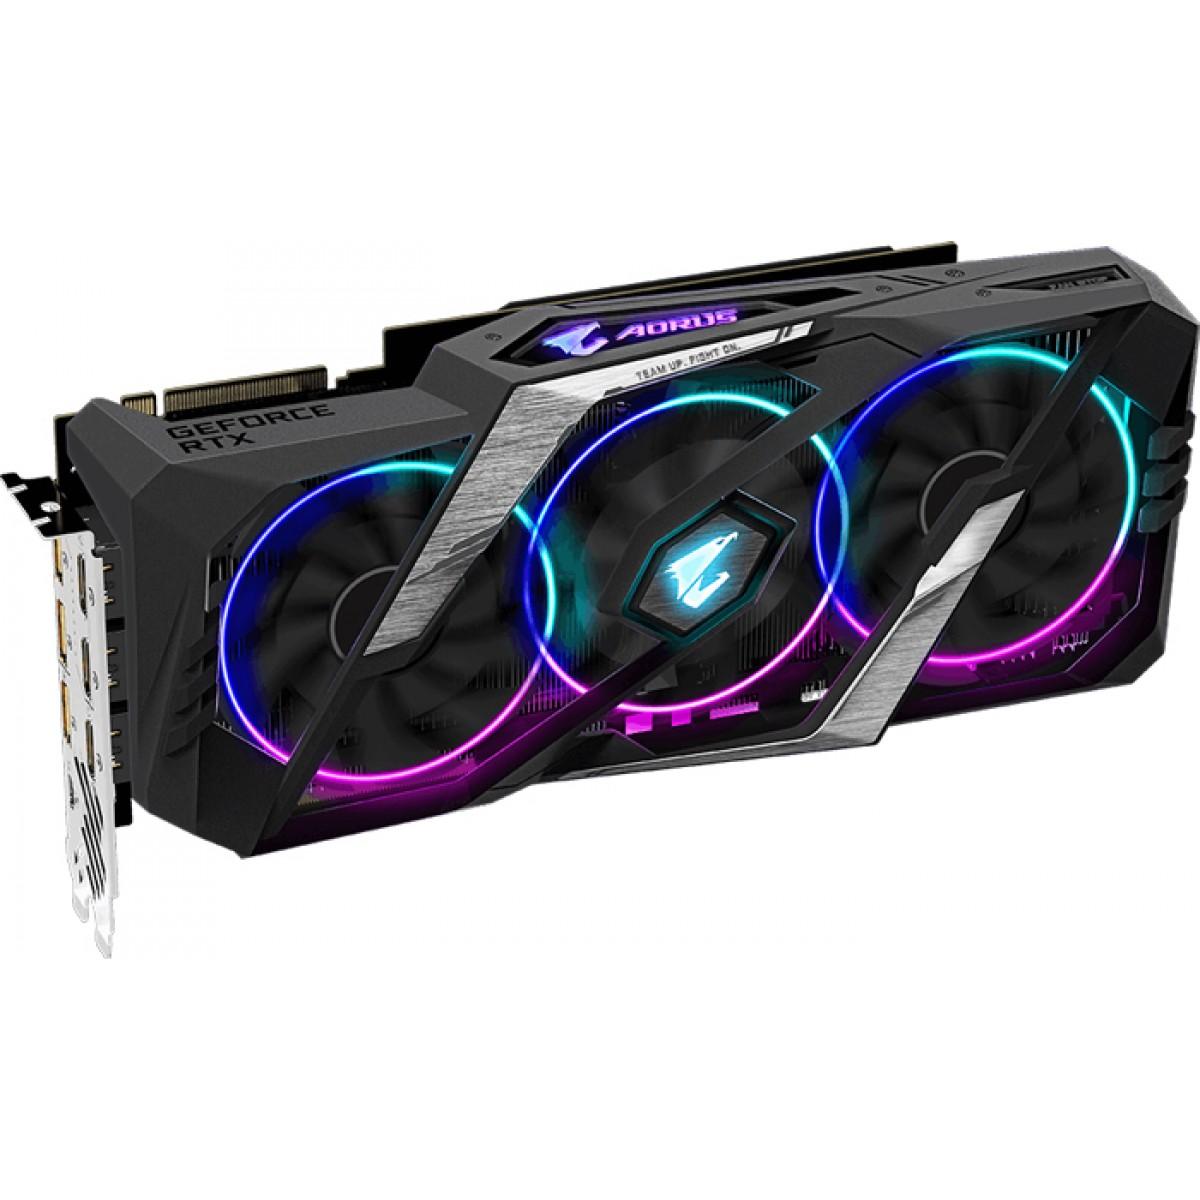 Placa de Vídeo Gigabyte GeForce RTX 2070 Super, 8GB GDDR6, 256Bit, GV-N207SAORUS-8GC